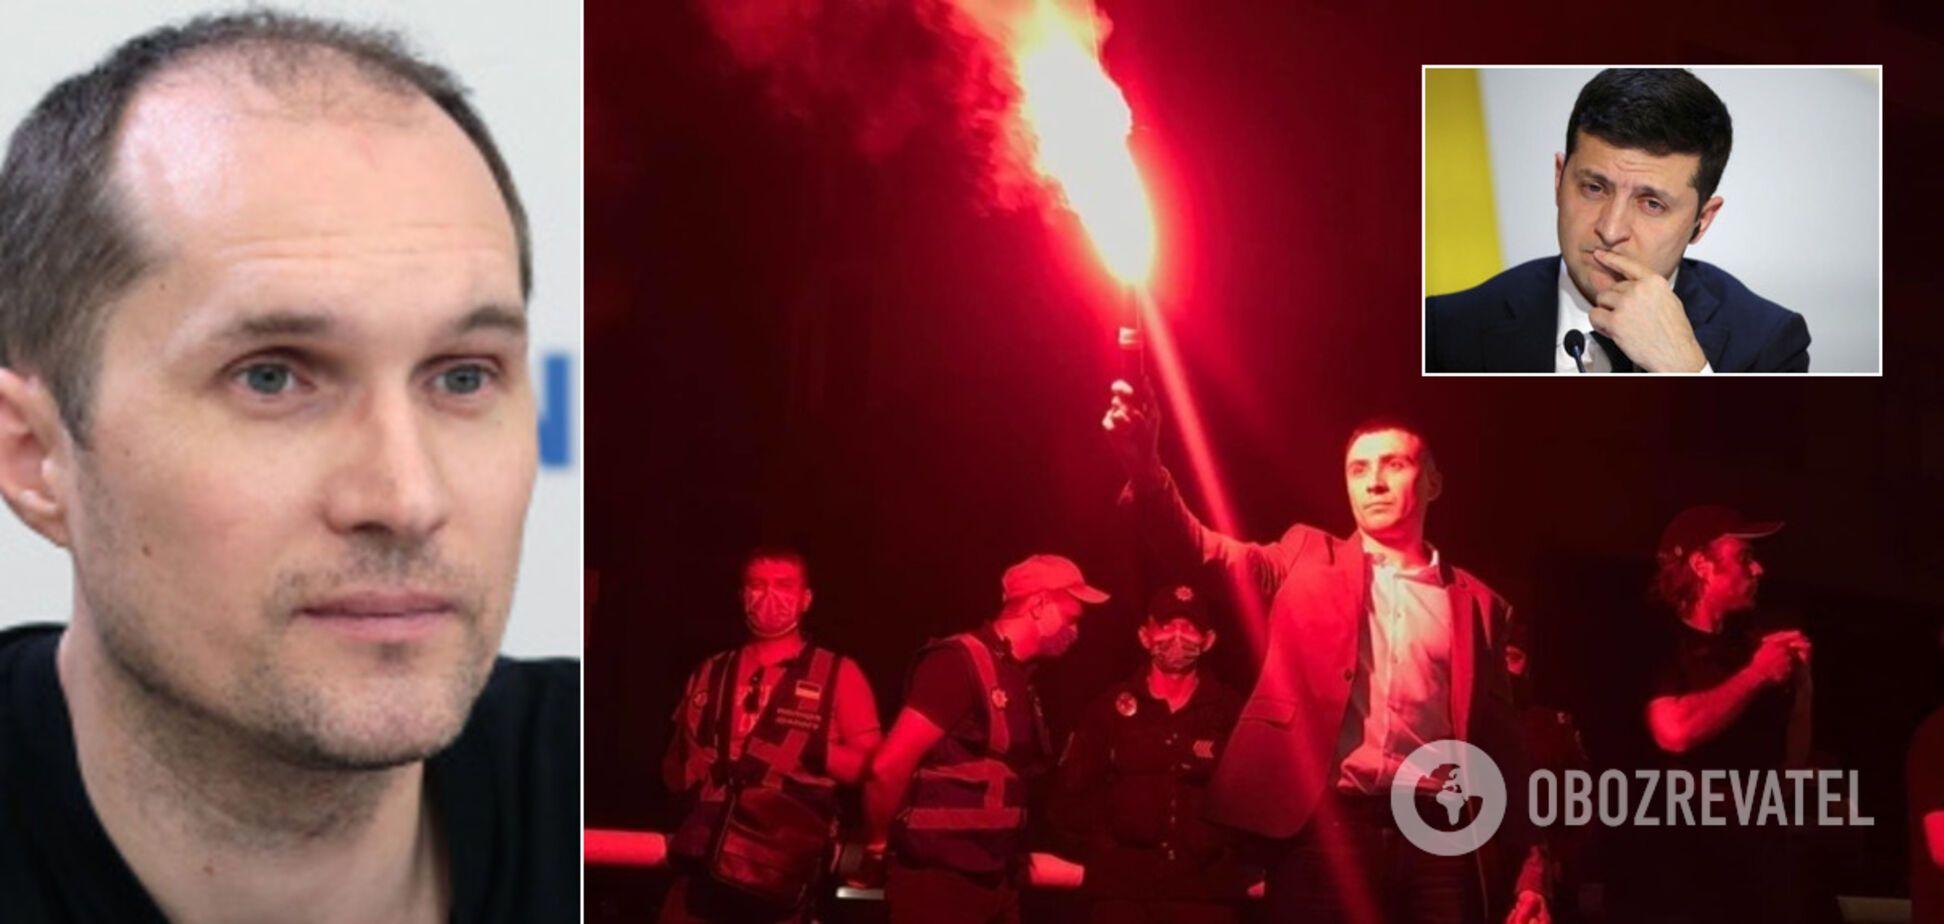 Акція Стерненка під будинком Зеленського знищила владу президента – Бутусов